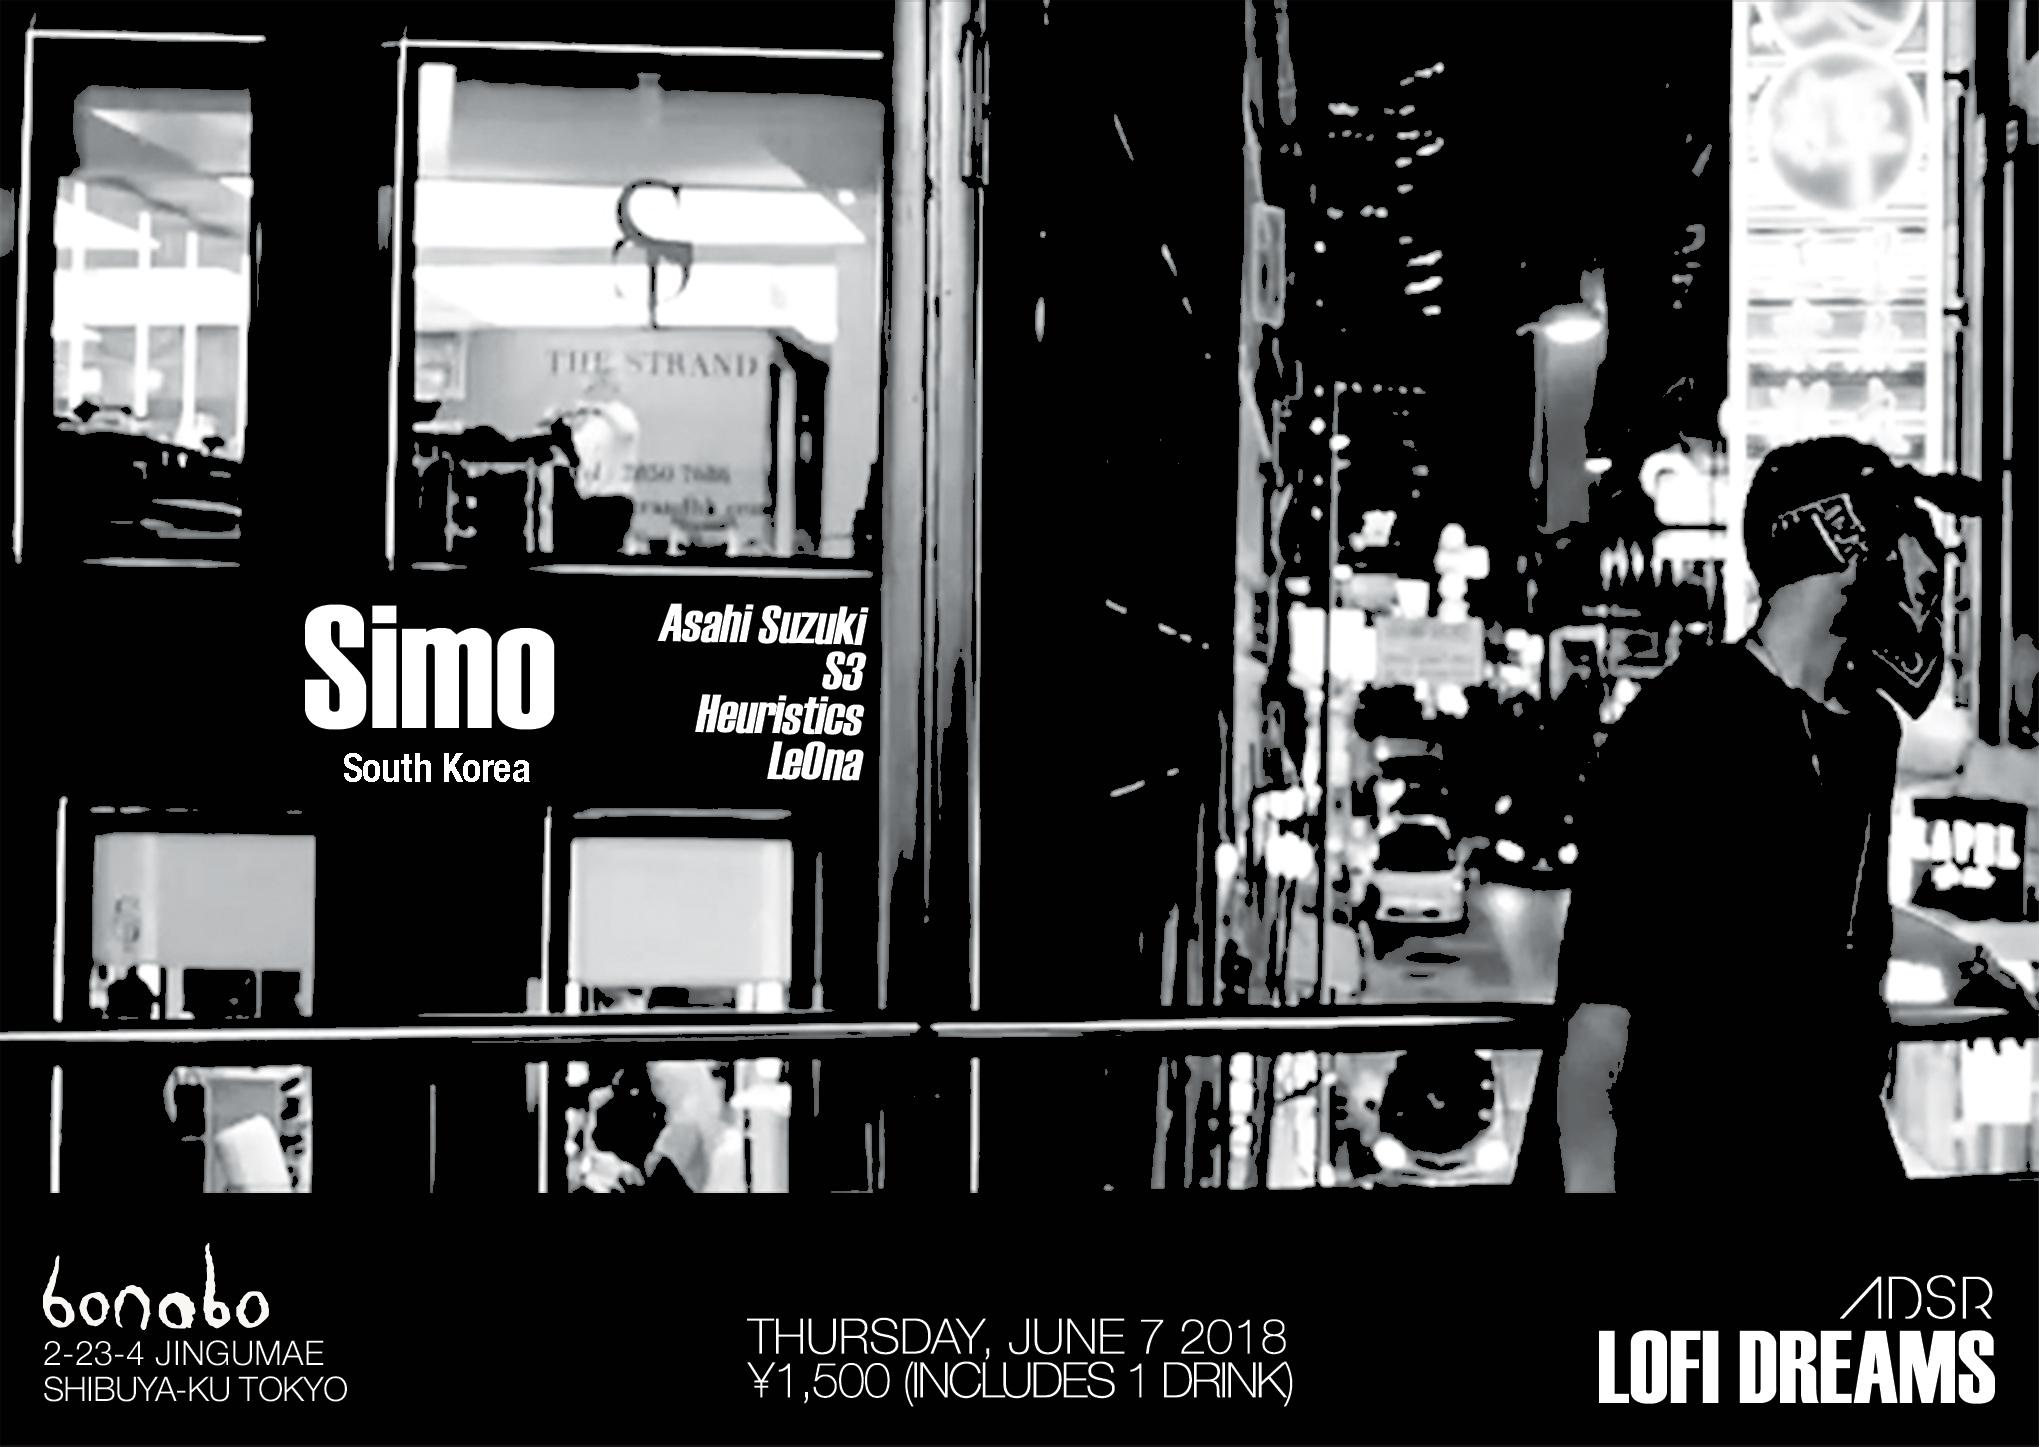 Thursday, June 7th @ Bonobo Bar  2-23-4 Jingumae Tokyo, Japan